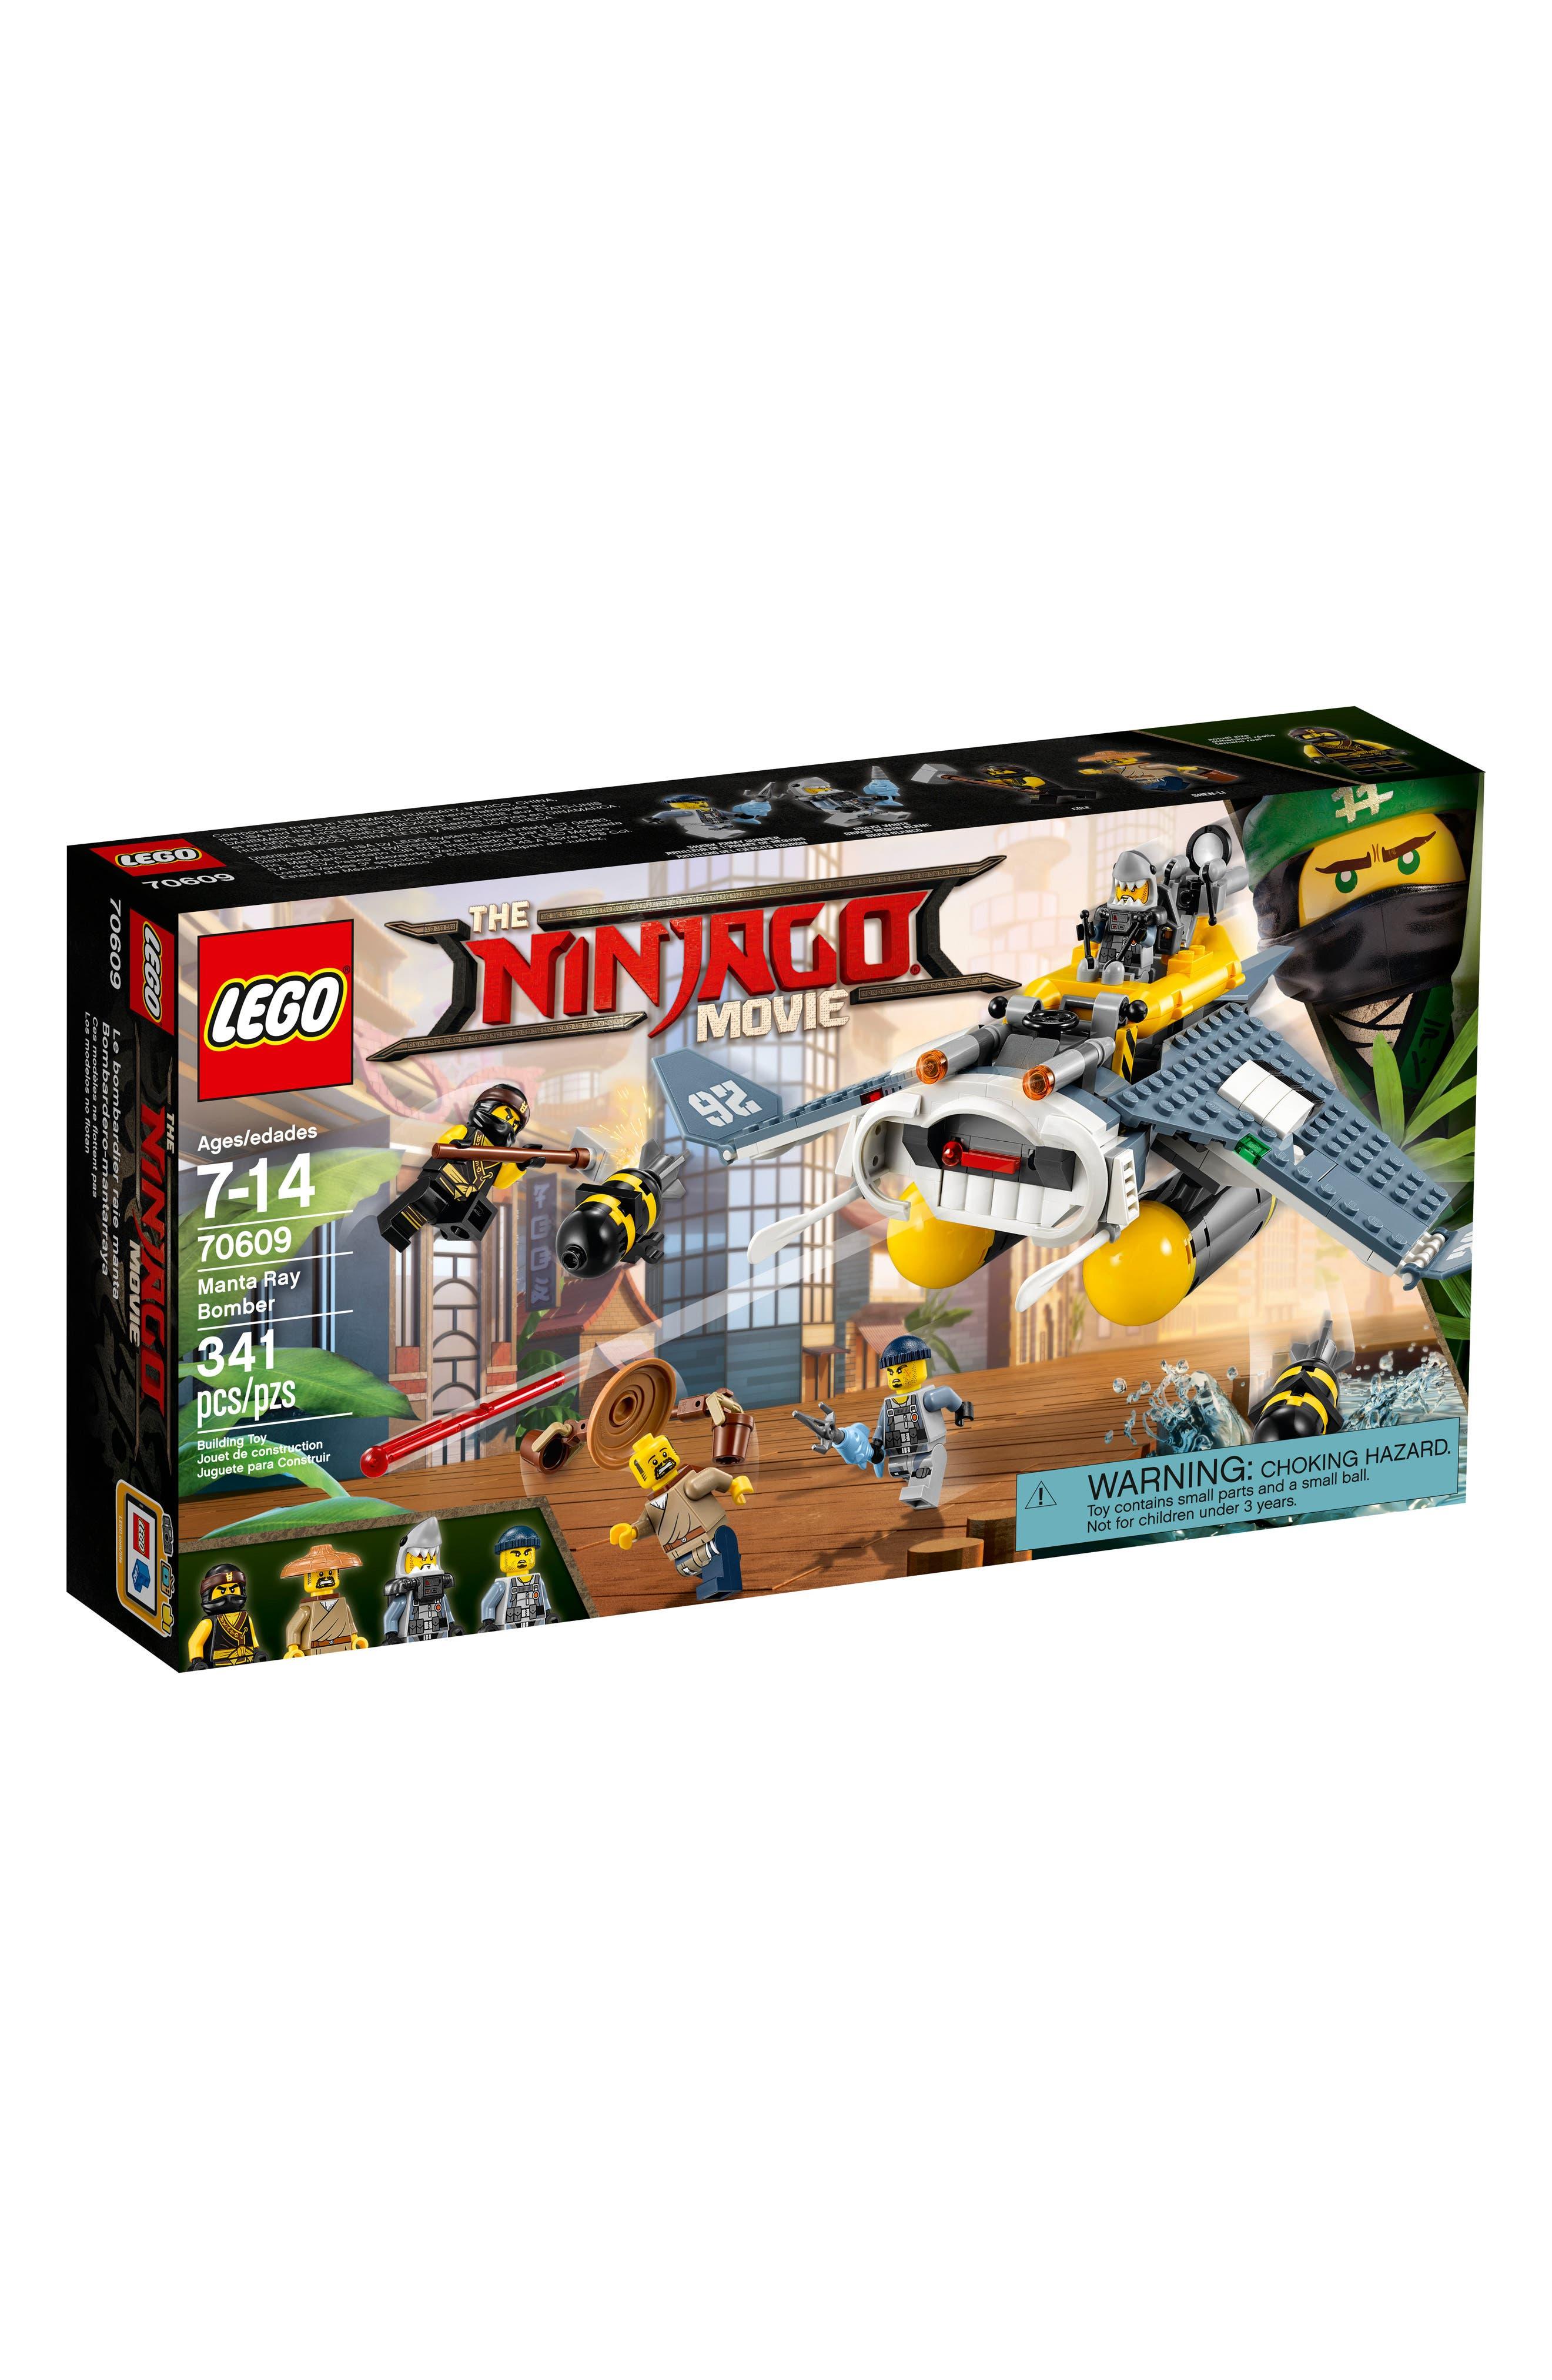 LEGO® THE NINJAGO® MOVIE™ Manta Ray Bomber Play Set - 70609